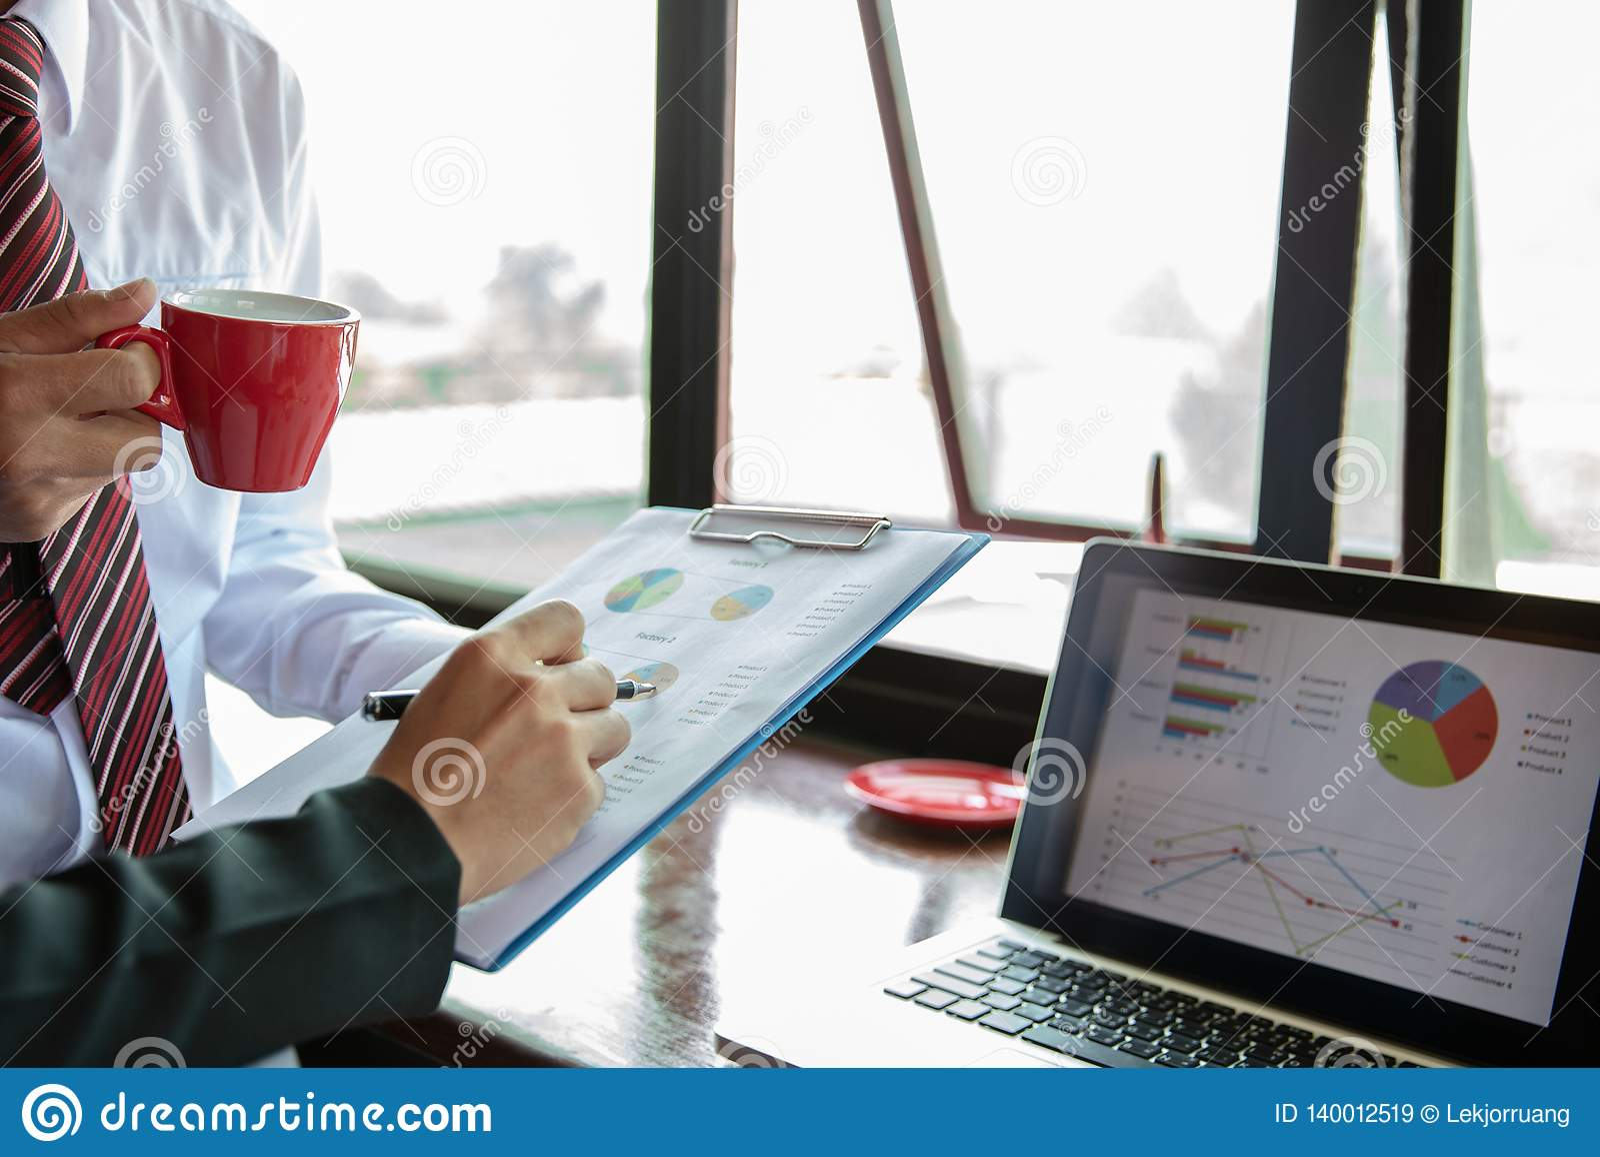 队工作过程 年轻业务经理乘员组与新的起始的项目一起使用 在木桌,键入的键盘上的labtop,发短信